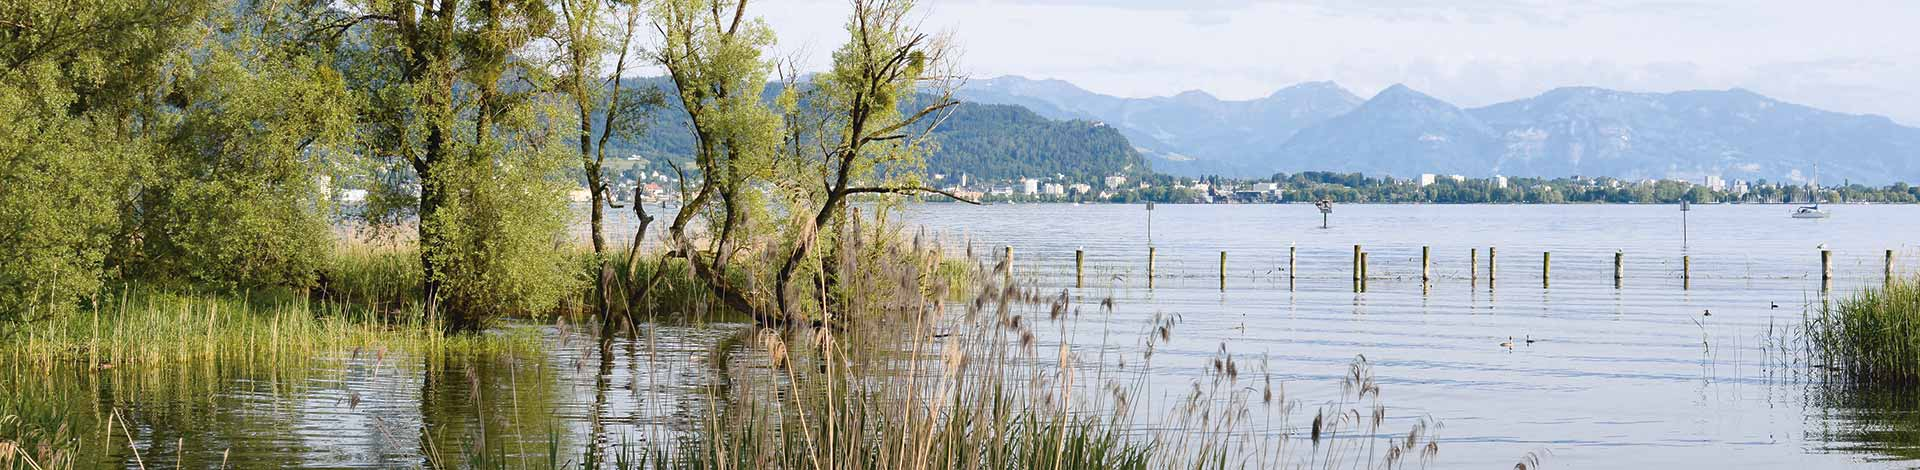 Leiblach Uferlandschaft © UMG